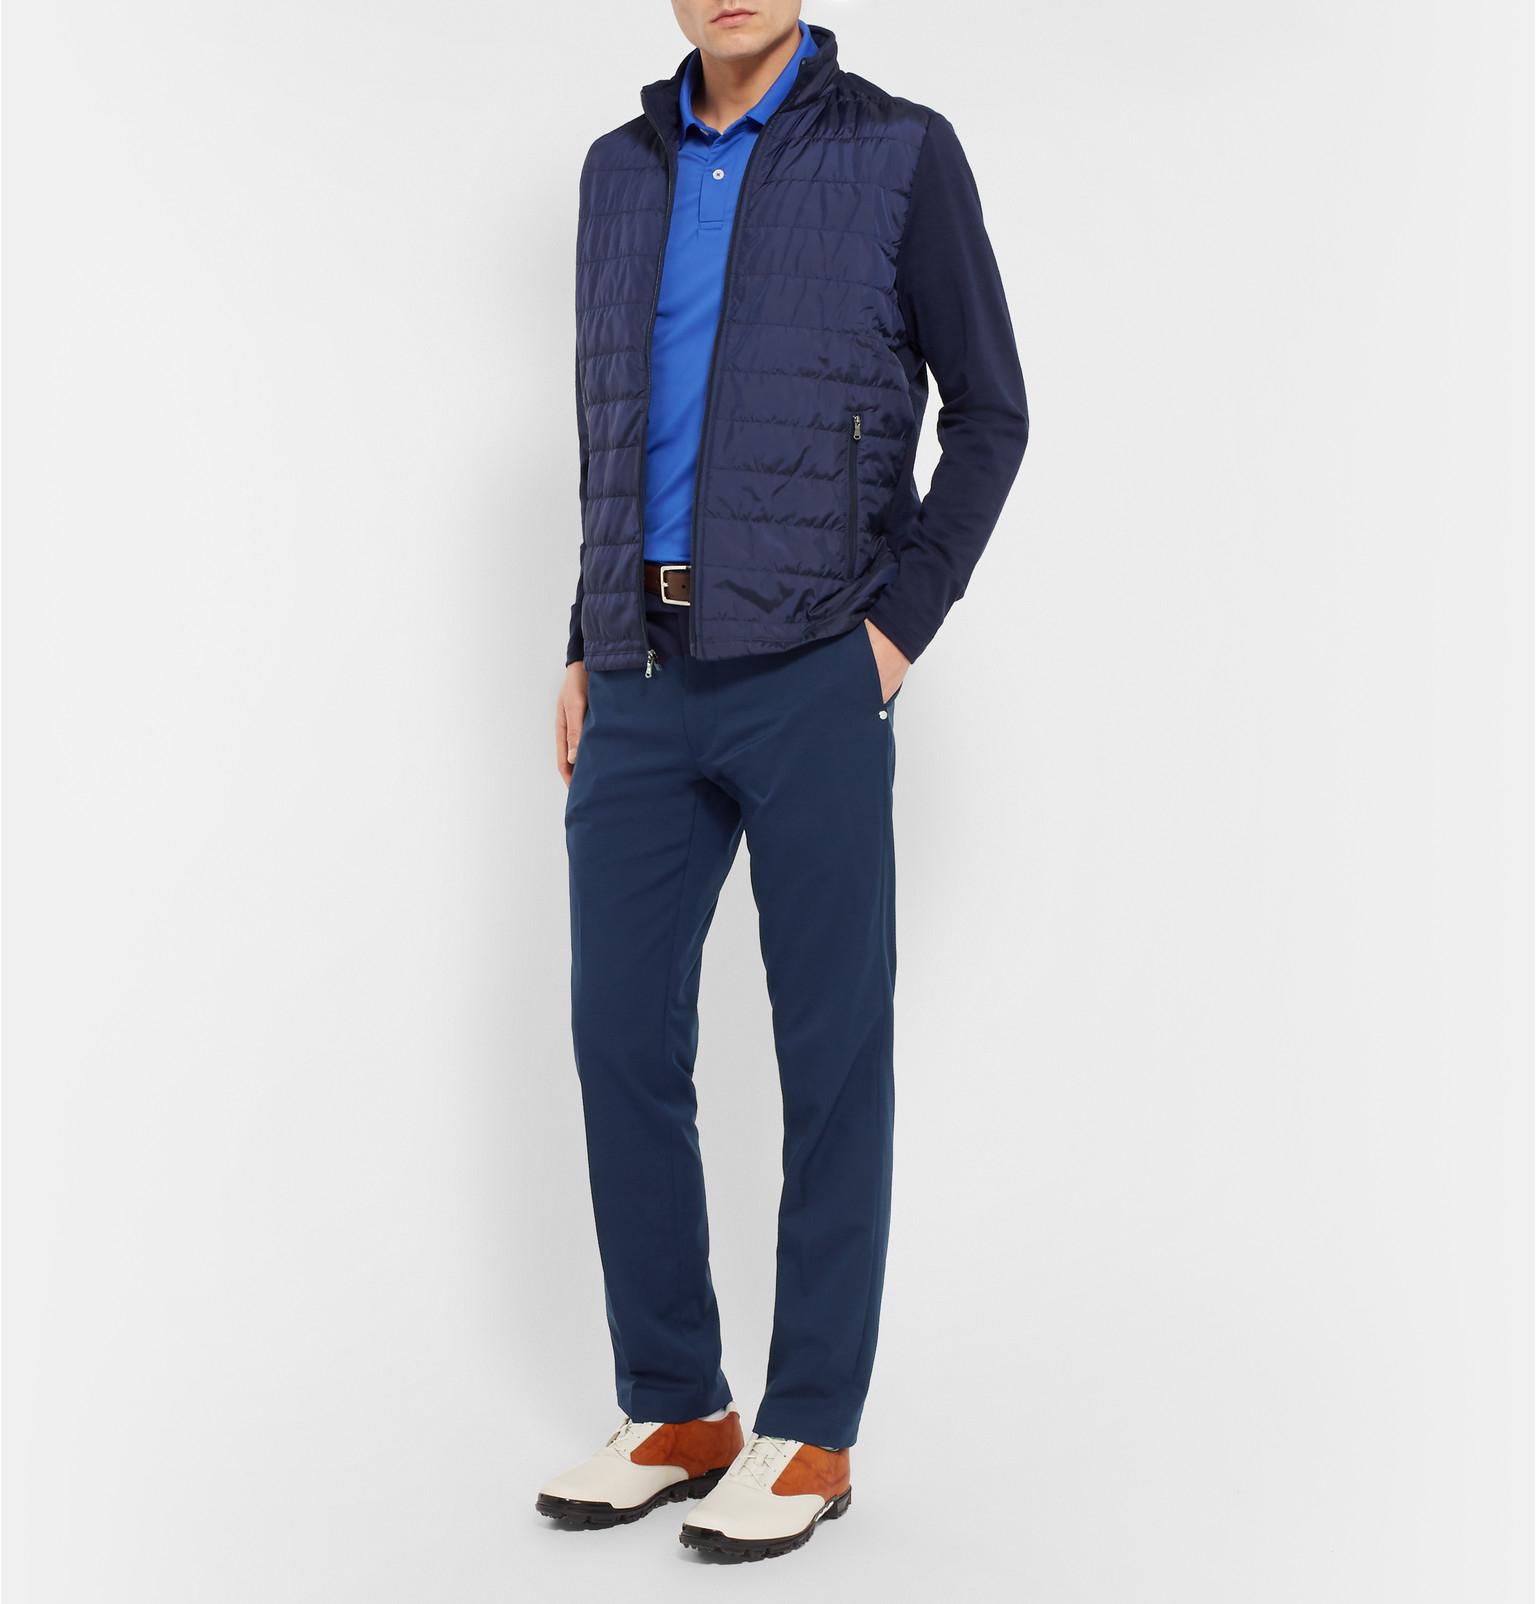 Rlx Golf Clothing Uk